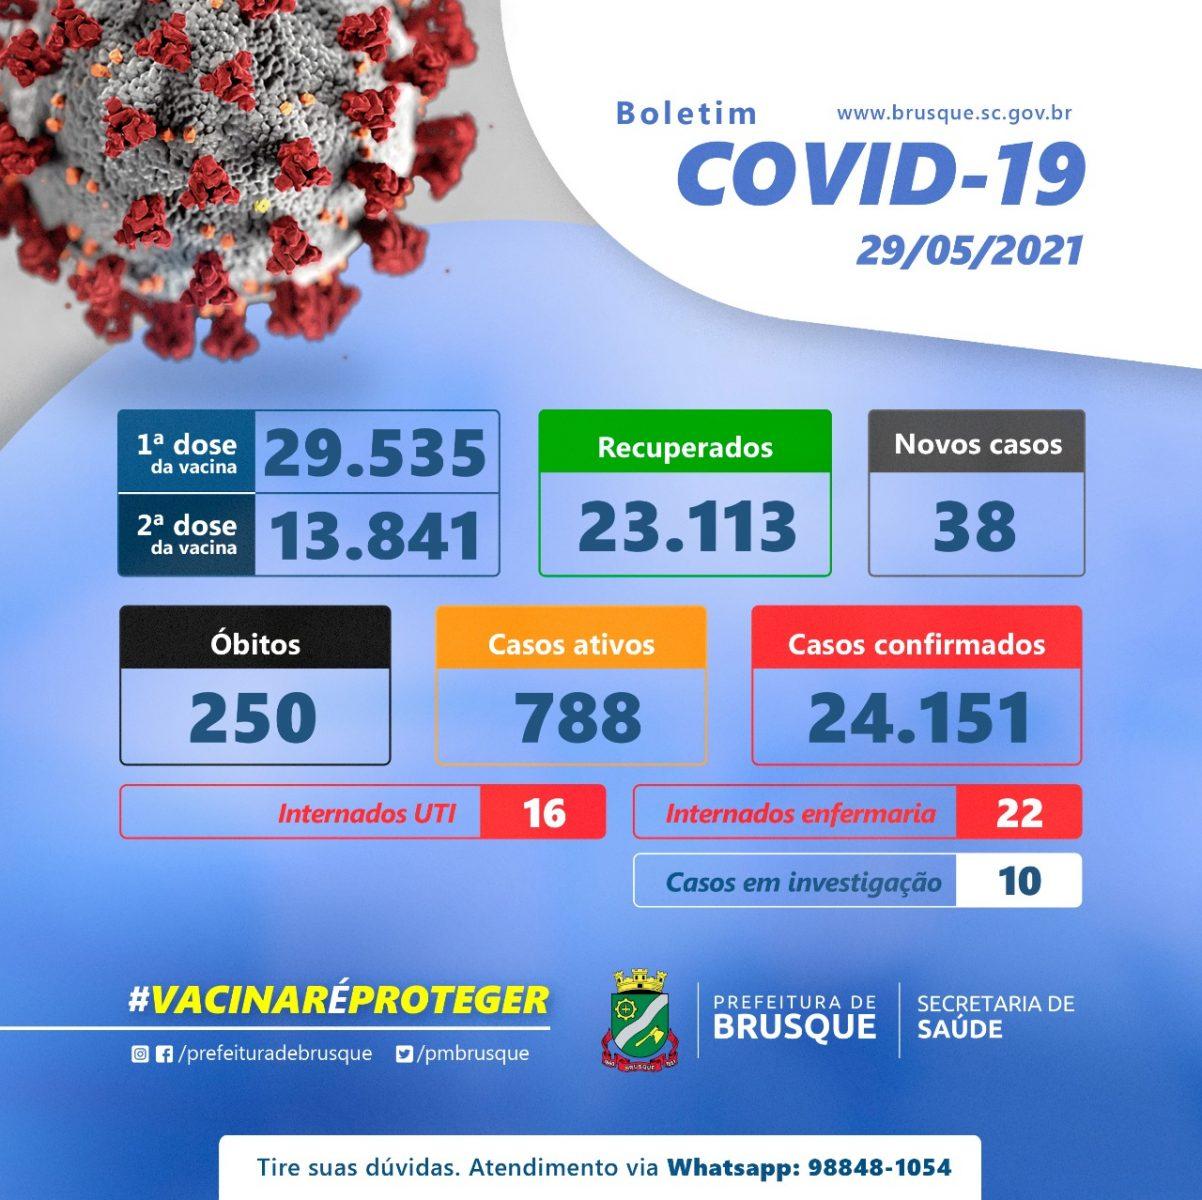 Covid-19: Confira o boletim epidemiológico deste sábado (29)